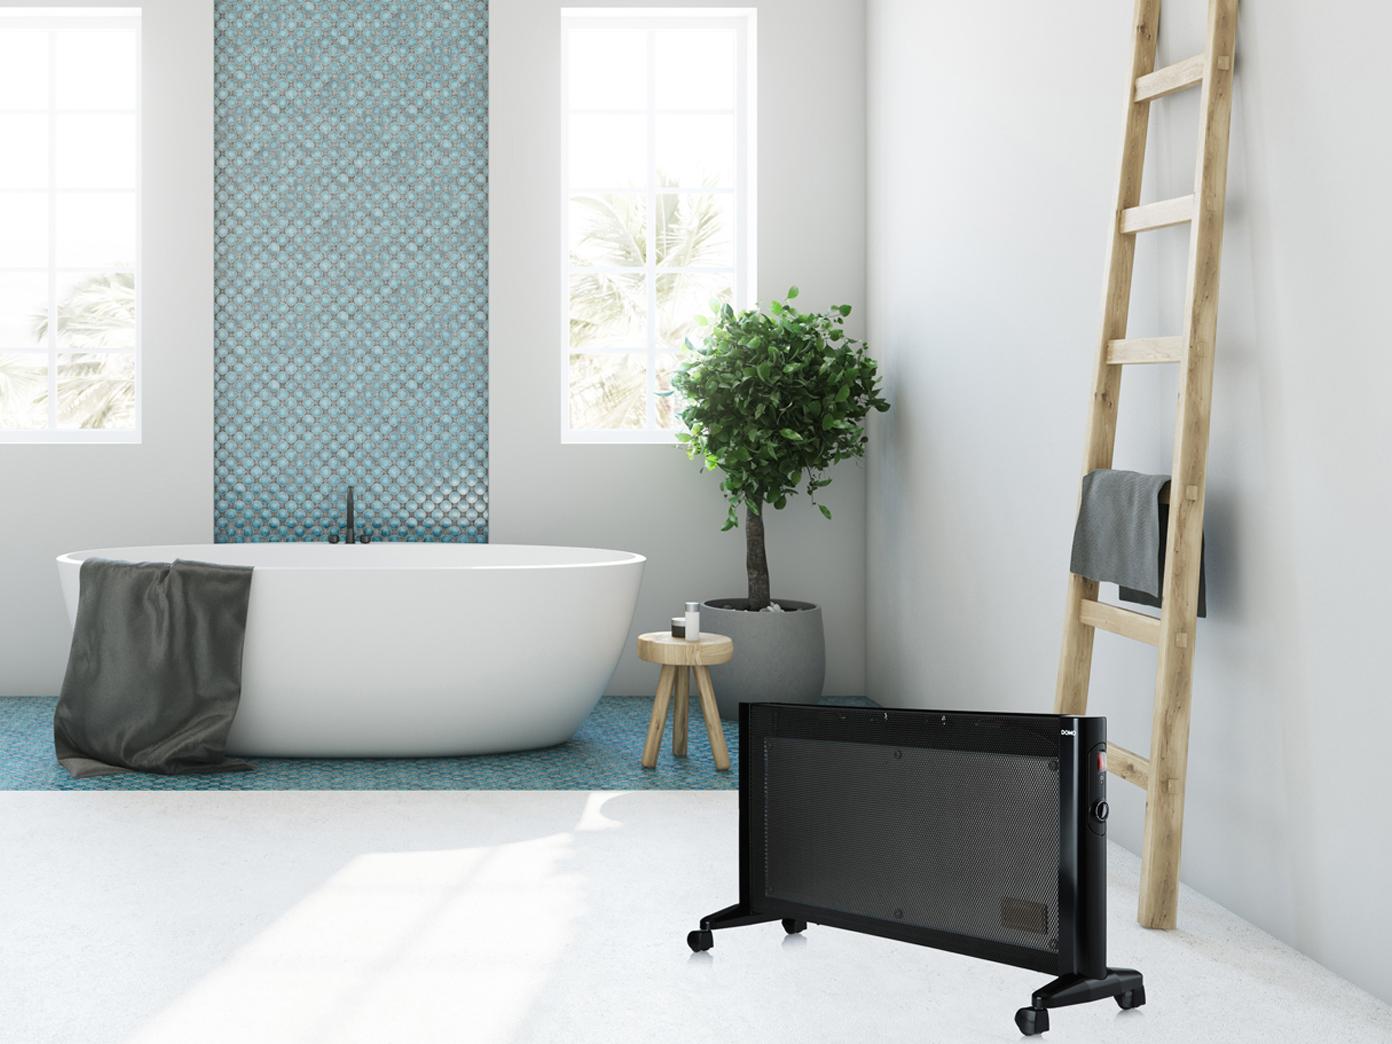 MICA Elektro Badezimmerheizung Stand + Wandheizung Schnellheizer Badezimmer  IP24